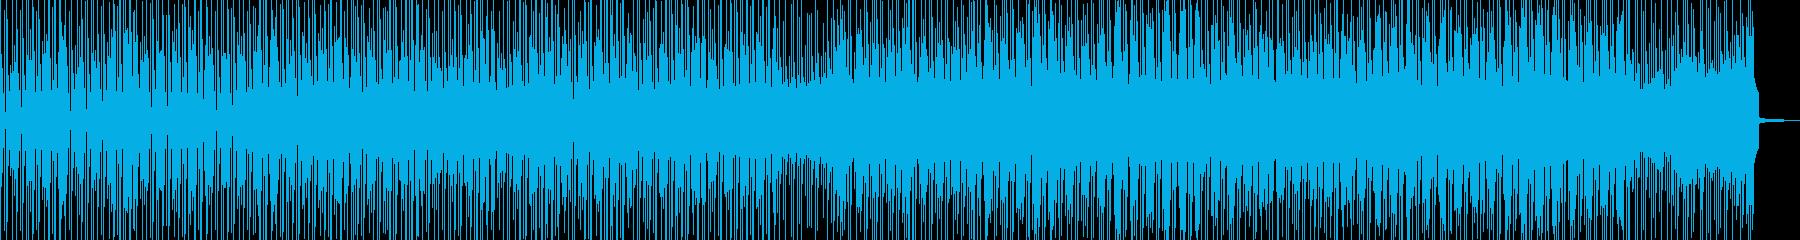 徐々に賑わう動画に・2部構成ポップス Cの再生済みの波形